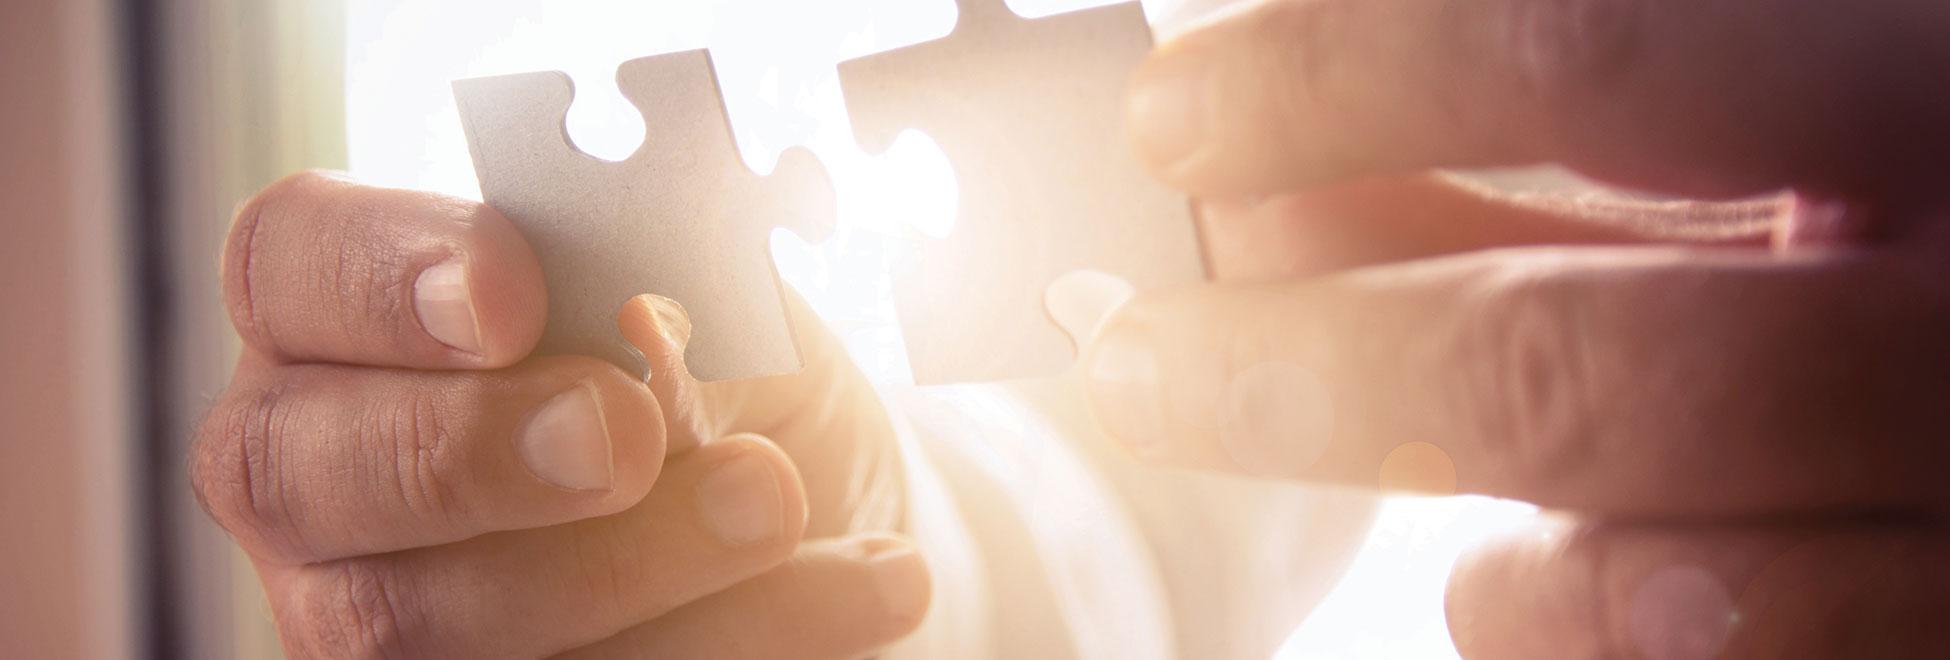 La garanzia del risparmio consente l'accesso a molteplici soluzioni finanziarie rendendole sostenibili